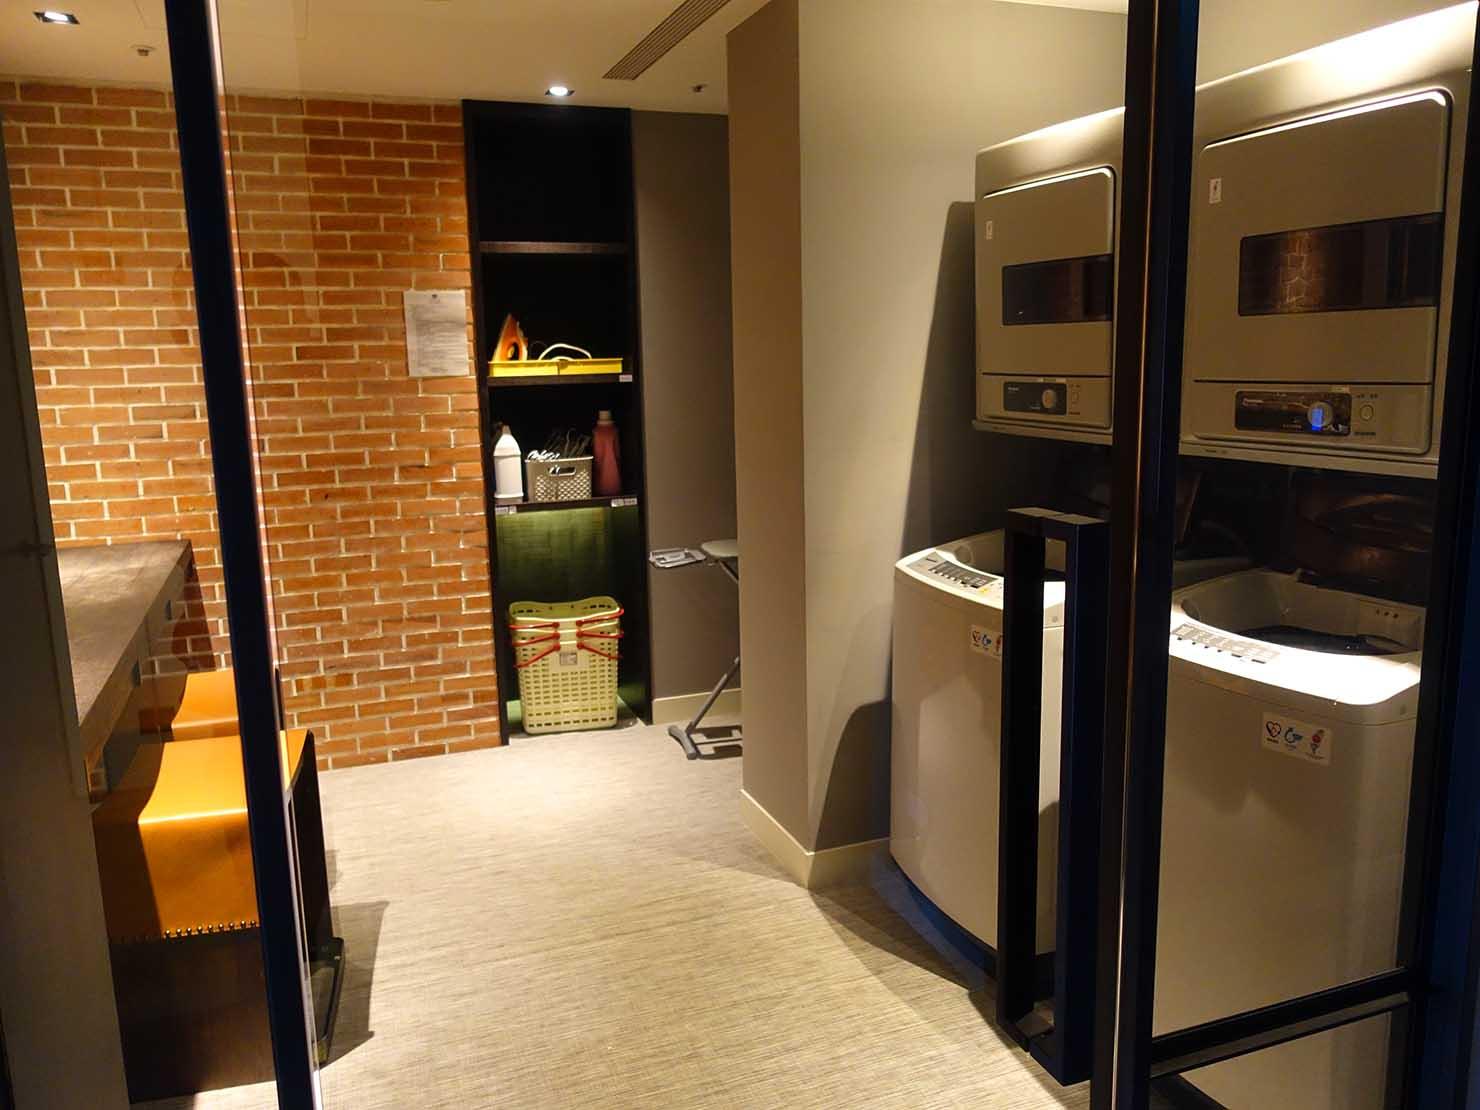 高雄市内観光におすすめのホテル「GREET INN 喜迎旅店」の豪華雙人房(デラックスダブル)15Fのランドリールーム